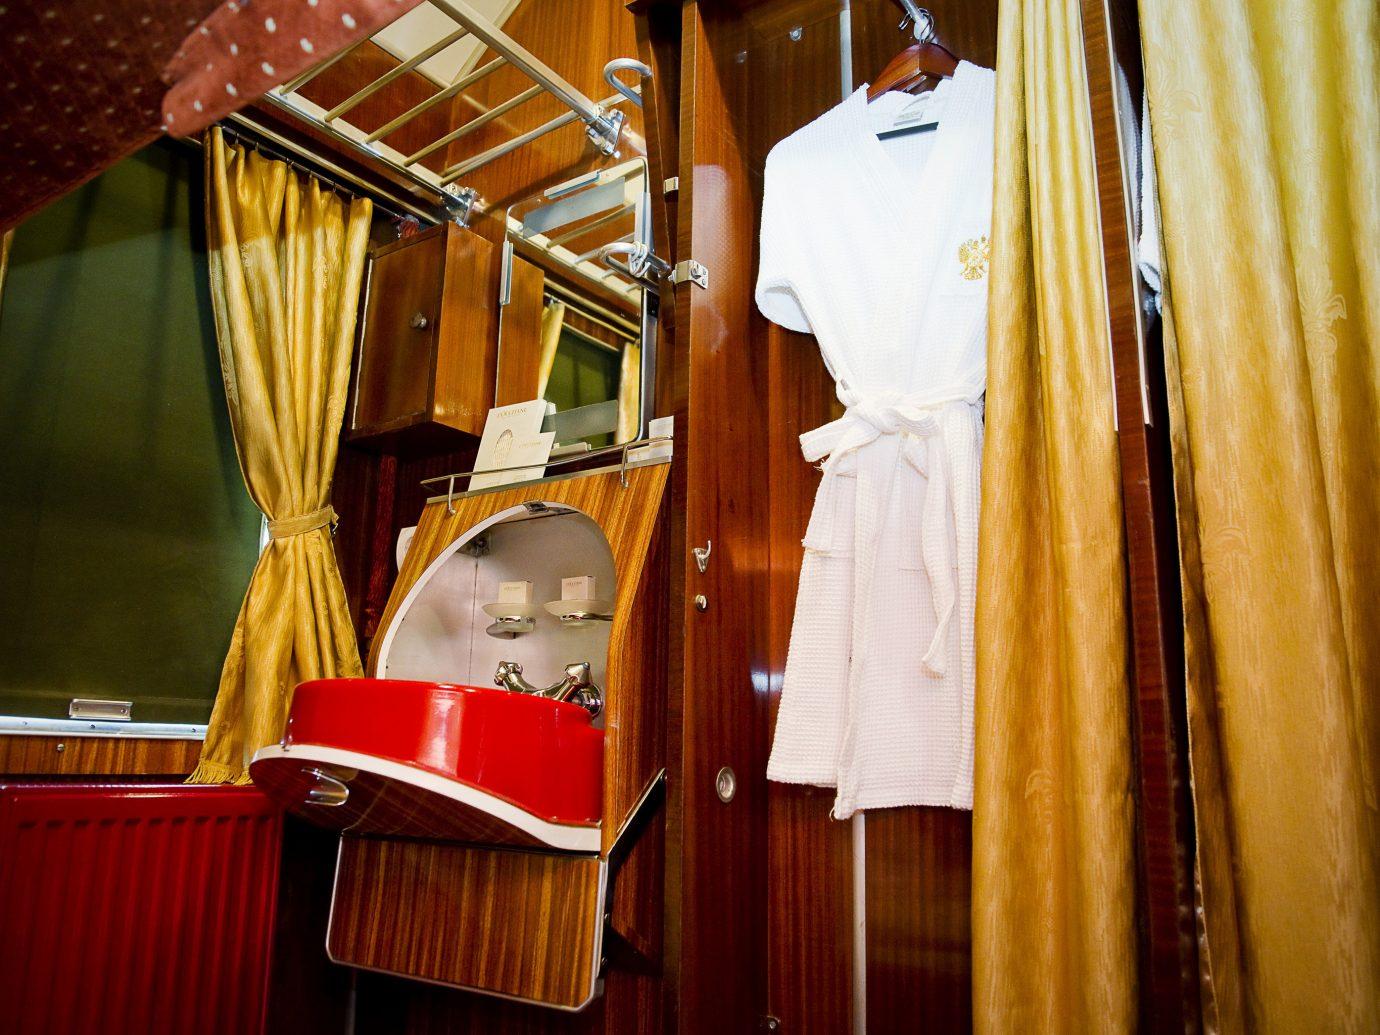 Trip Ideas indoor curtain room interior design